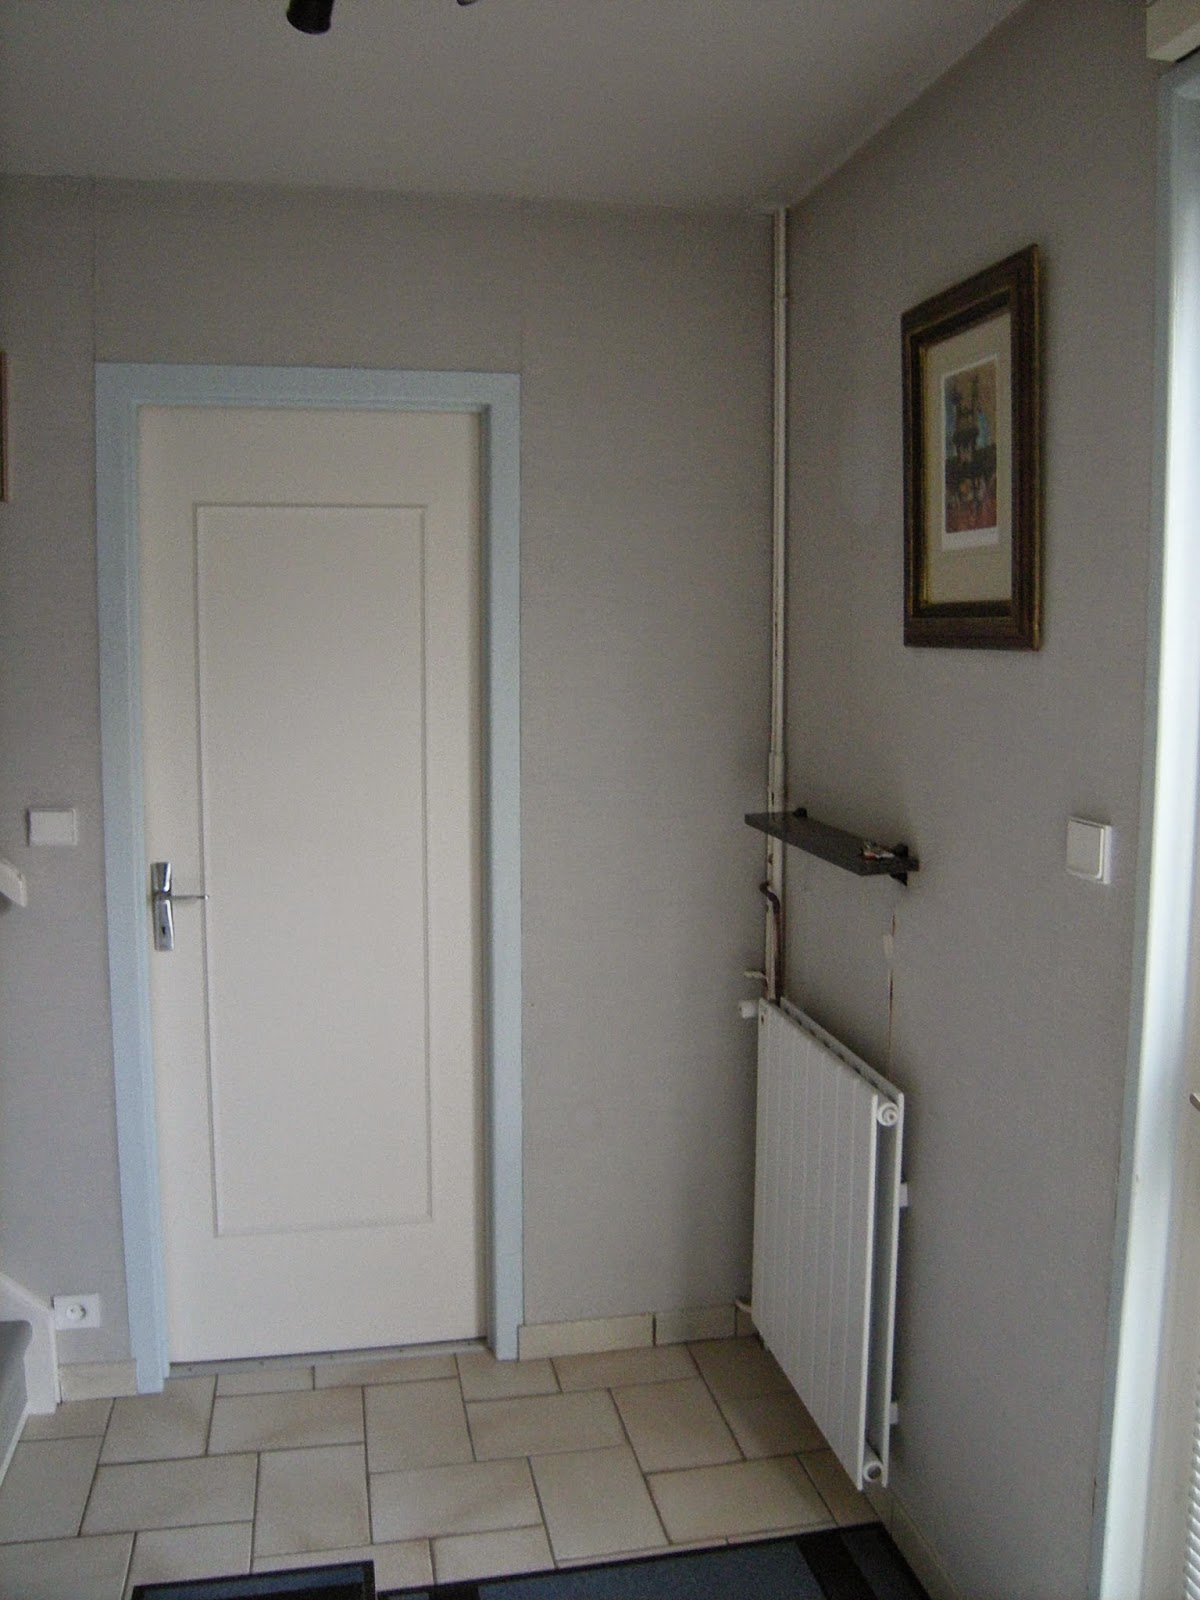 decoration d une entree avec escalier id es de conception sont int ressants. Black Bedroom Furniture Sets. Home Design Ideas